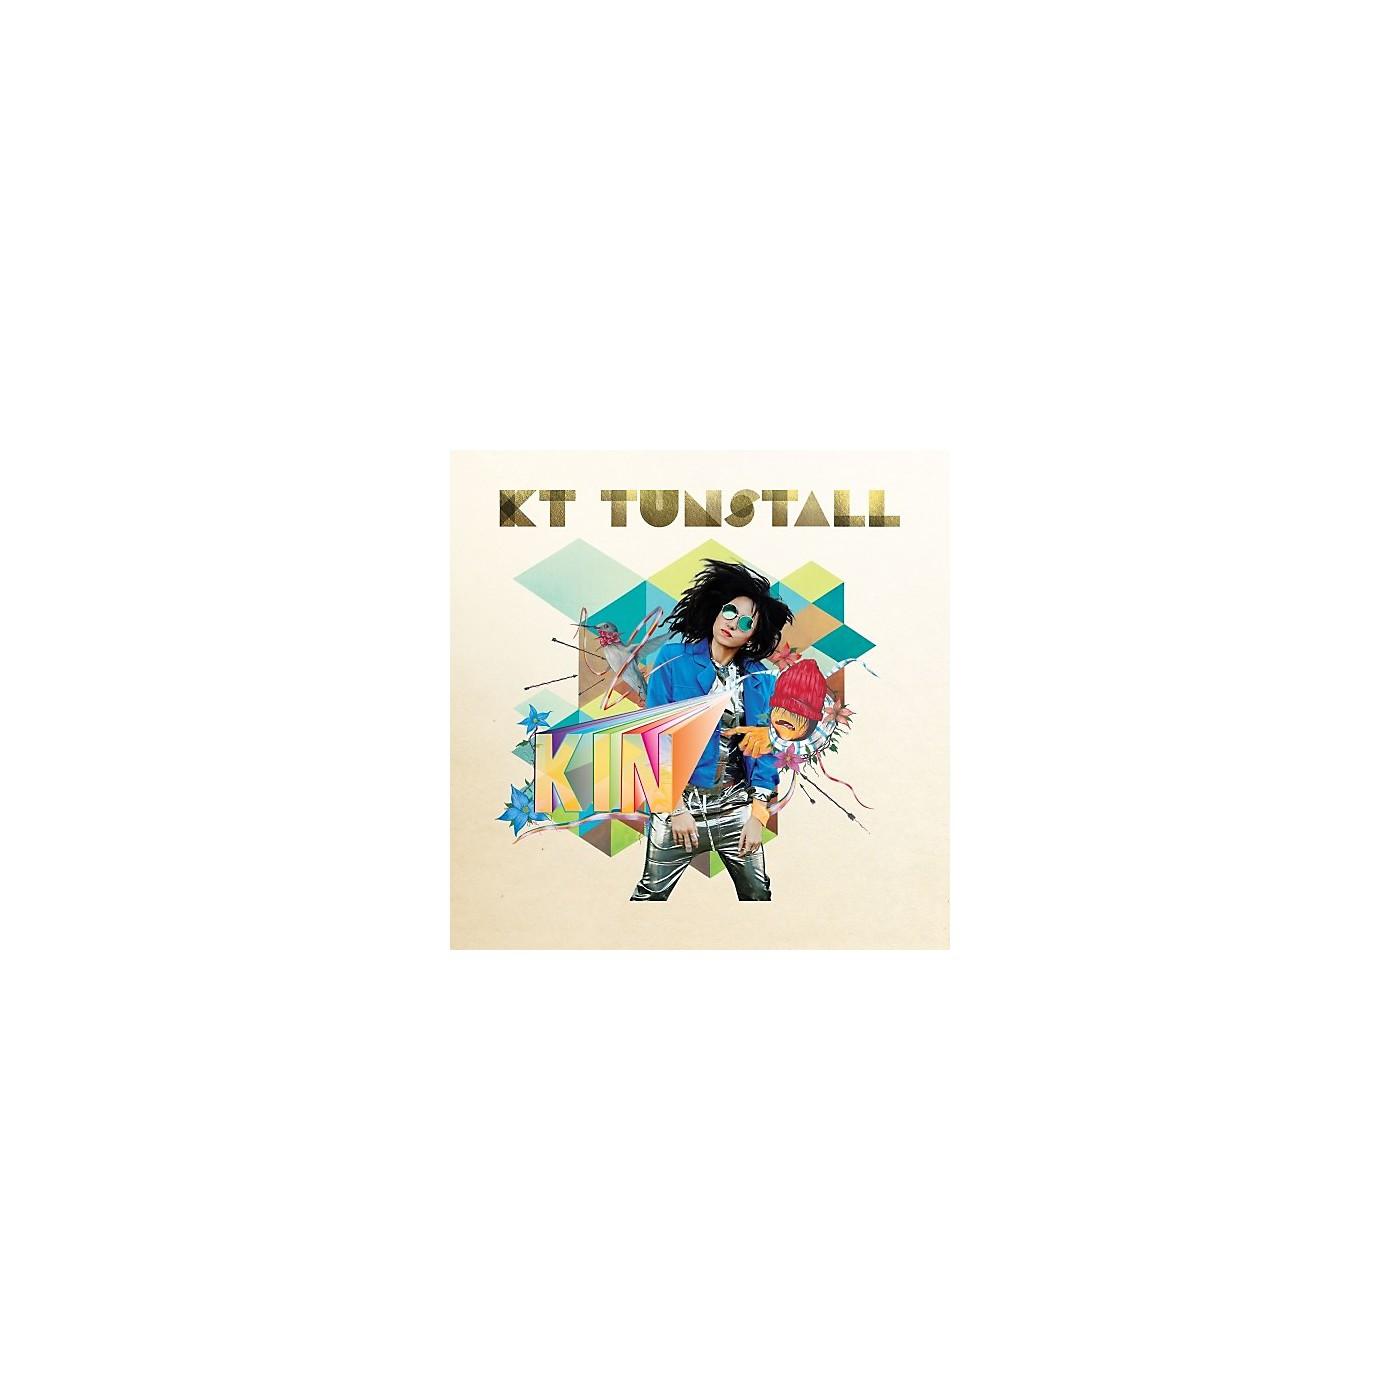 Alliance KT Tunstall - Kin thumbnail